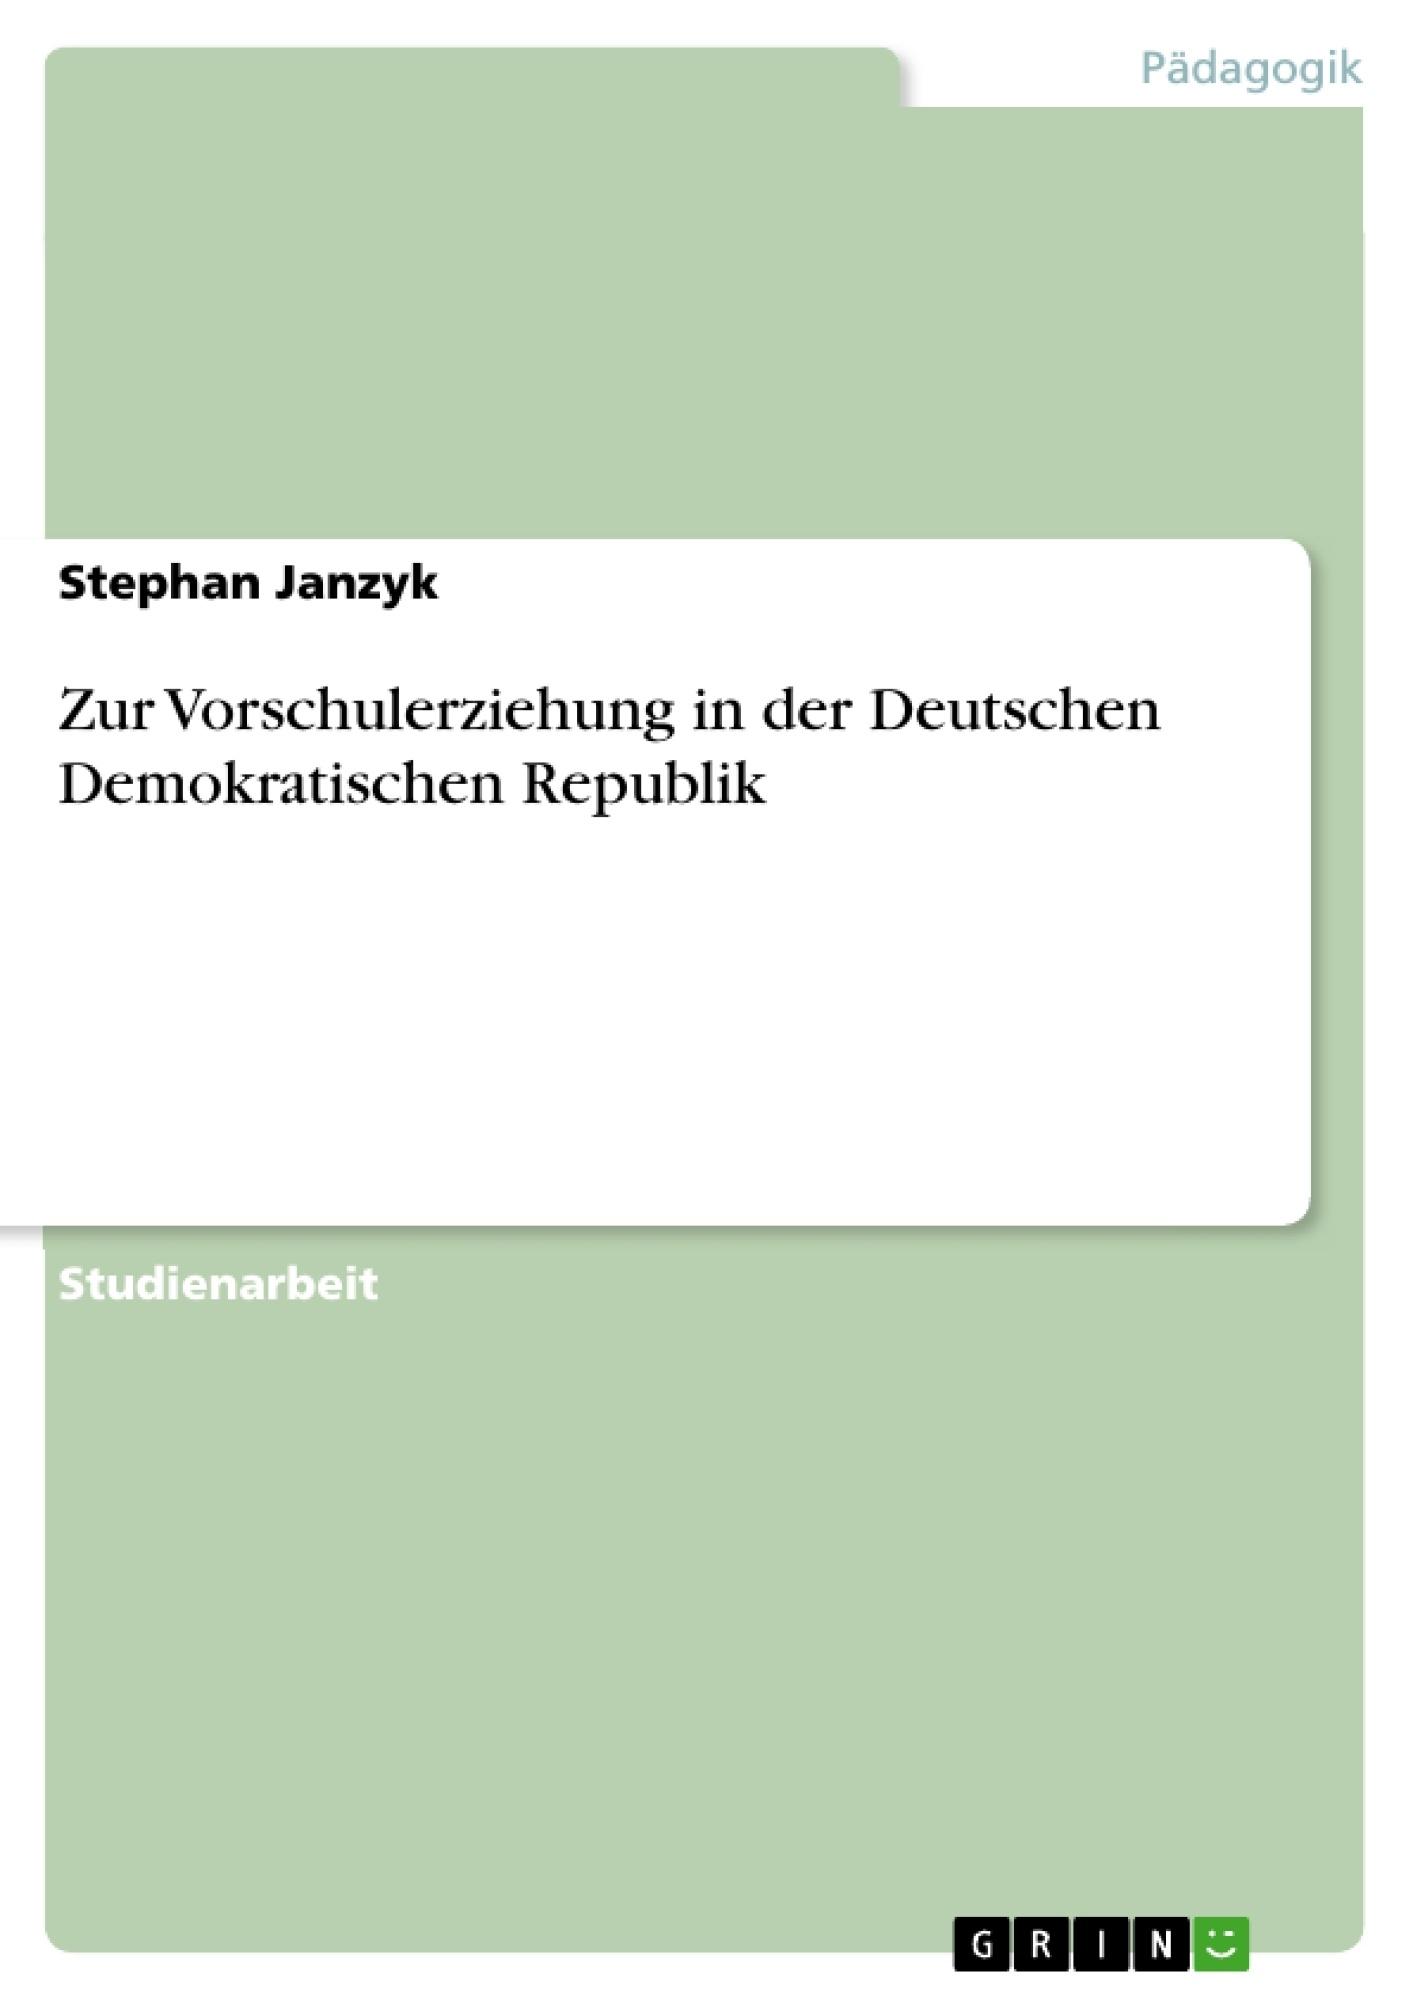 Titel: Zur Vorschulerziehung in der Deutschen Demokratischen Republik